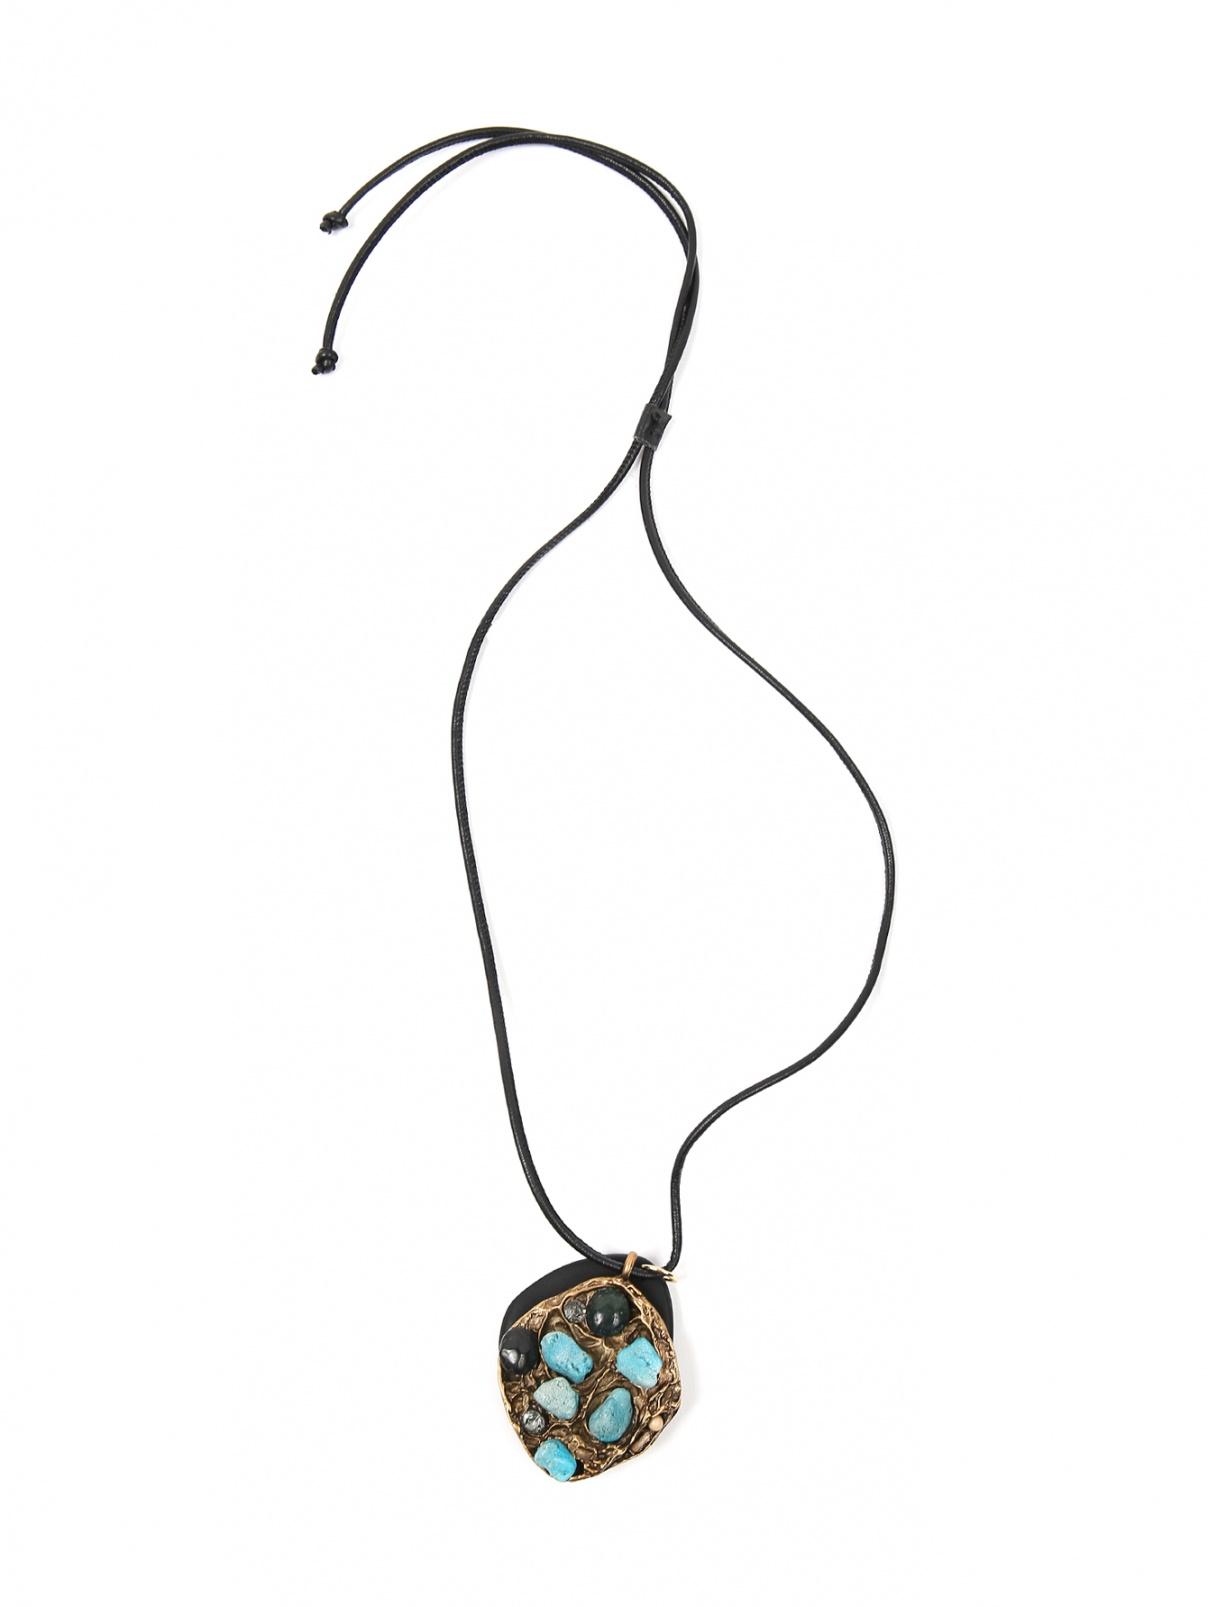 Колье на кожаном шнурке с подвеской из металла Weekend Max Mara  –  Общий вид  – Цвет:  Металлик